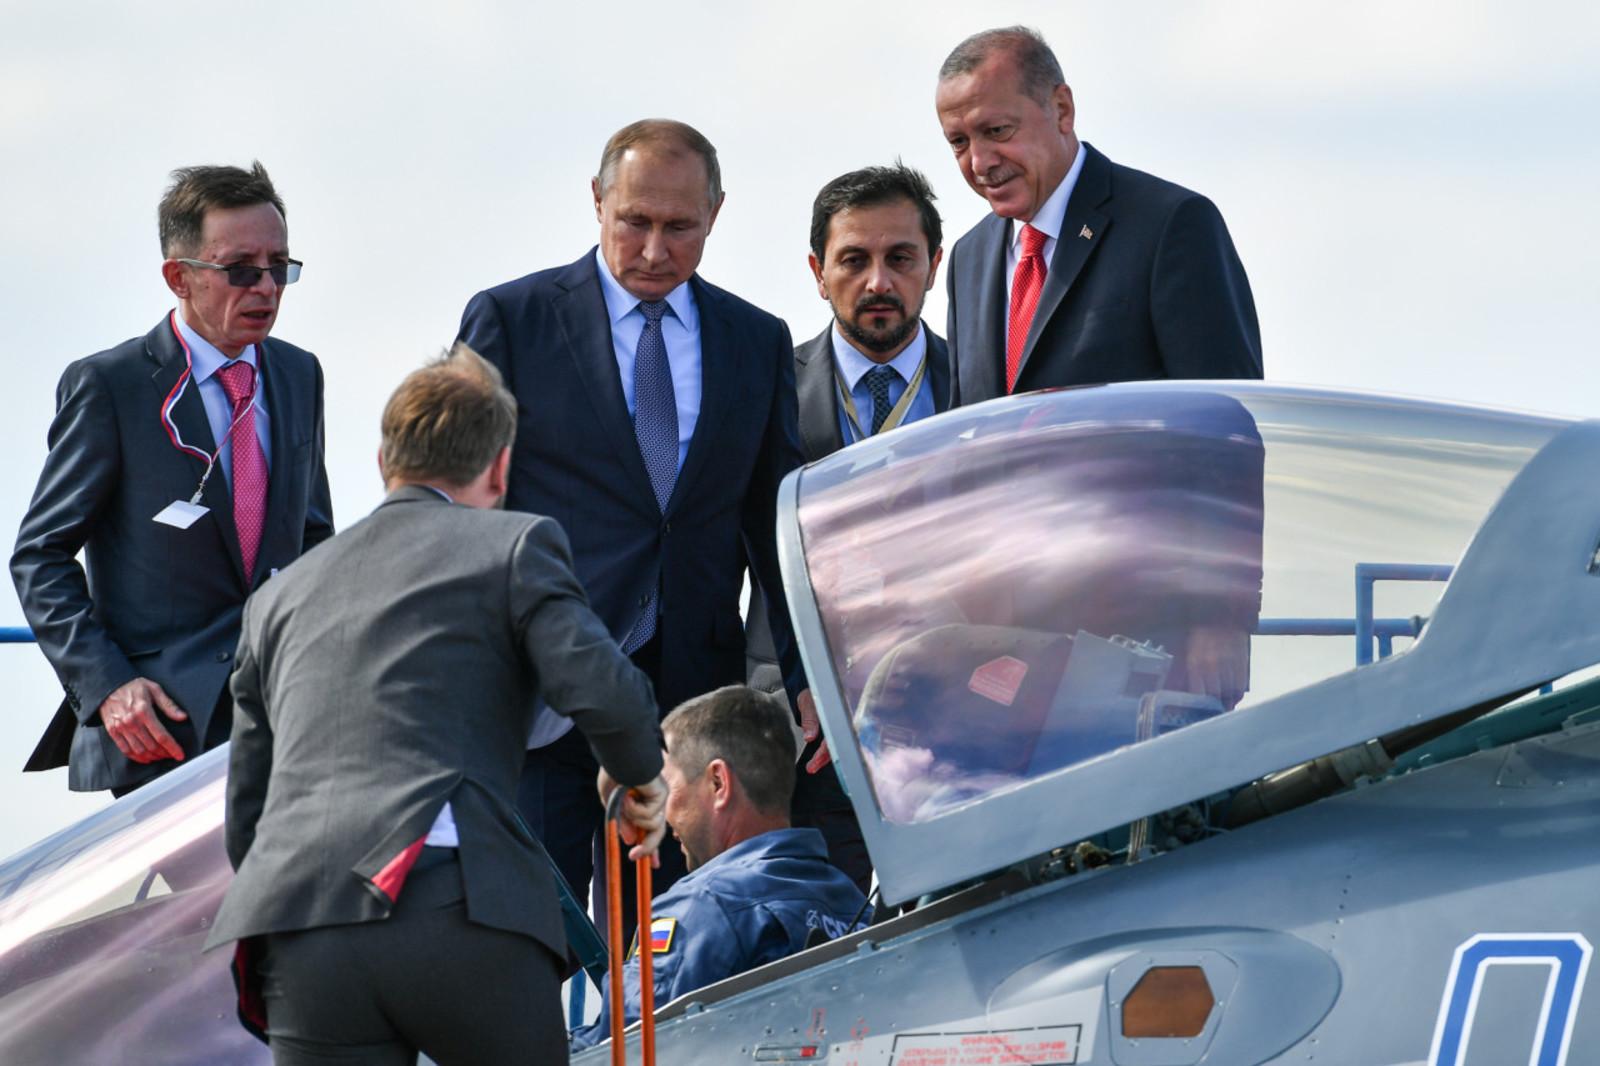 Президент России Владимир Путин и президент Турции Реджеп Тайип Эрдоган / Официальный сайт Международного авиационно-космического салона (https://aviasalon.com/)